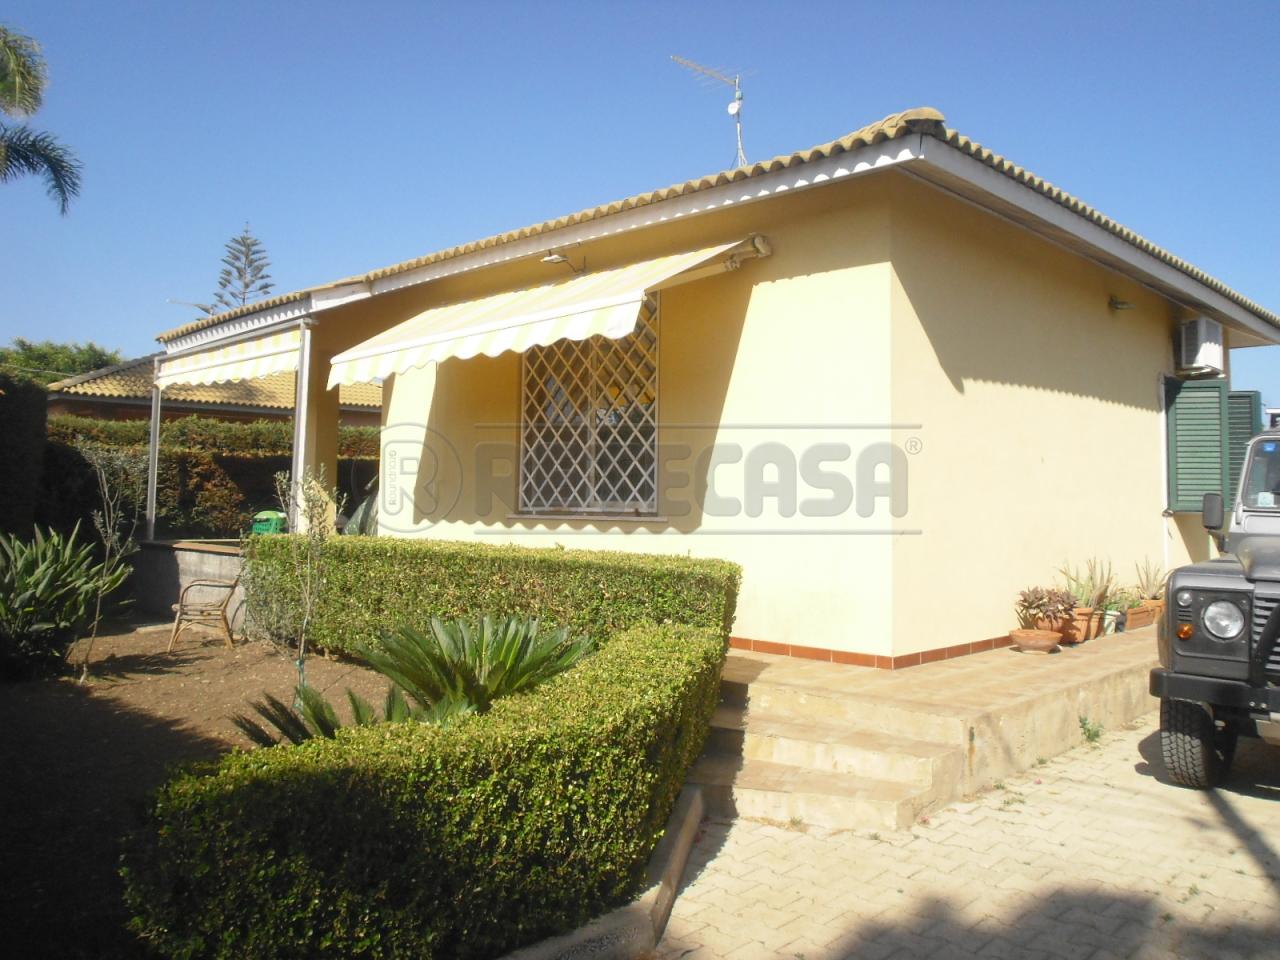 Villa in vendita a Siracusa, 4 locali, prezzo € 139.000 | Cambio Casa.it